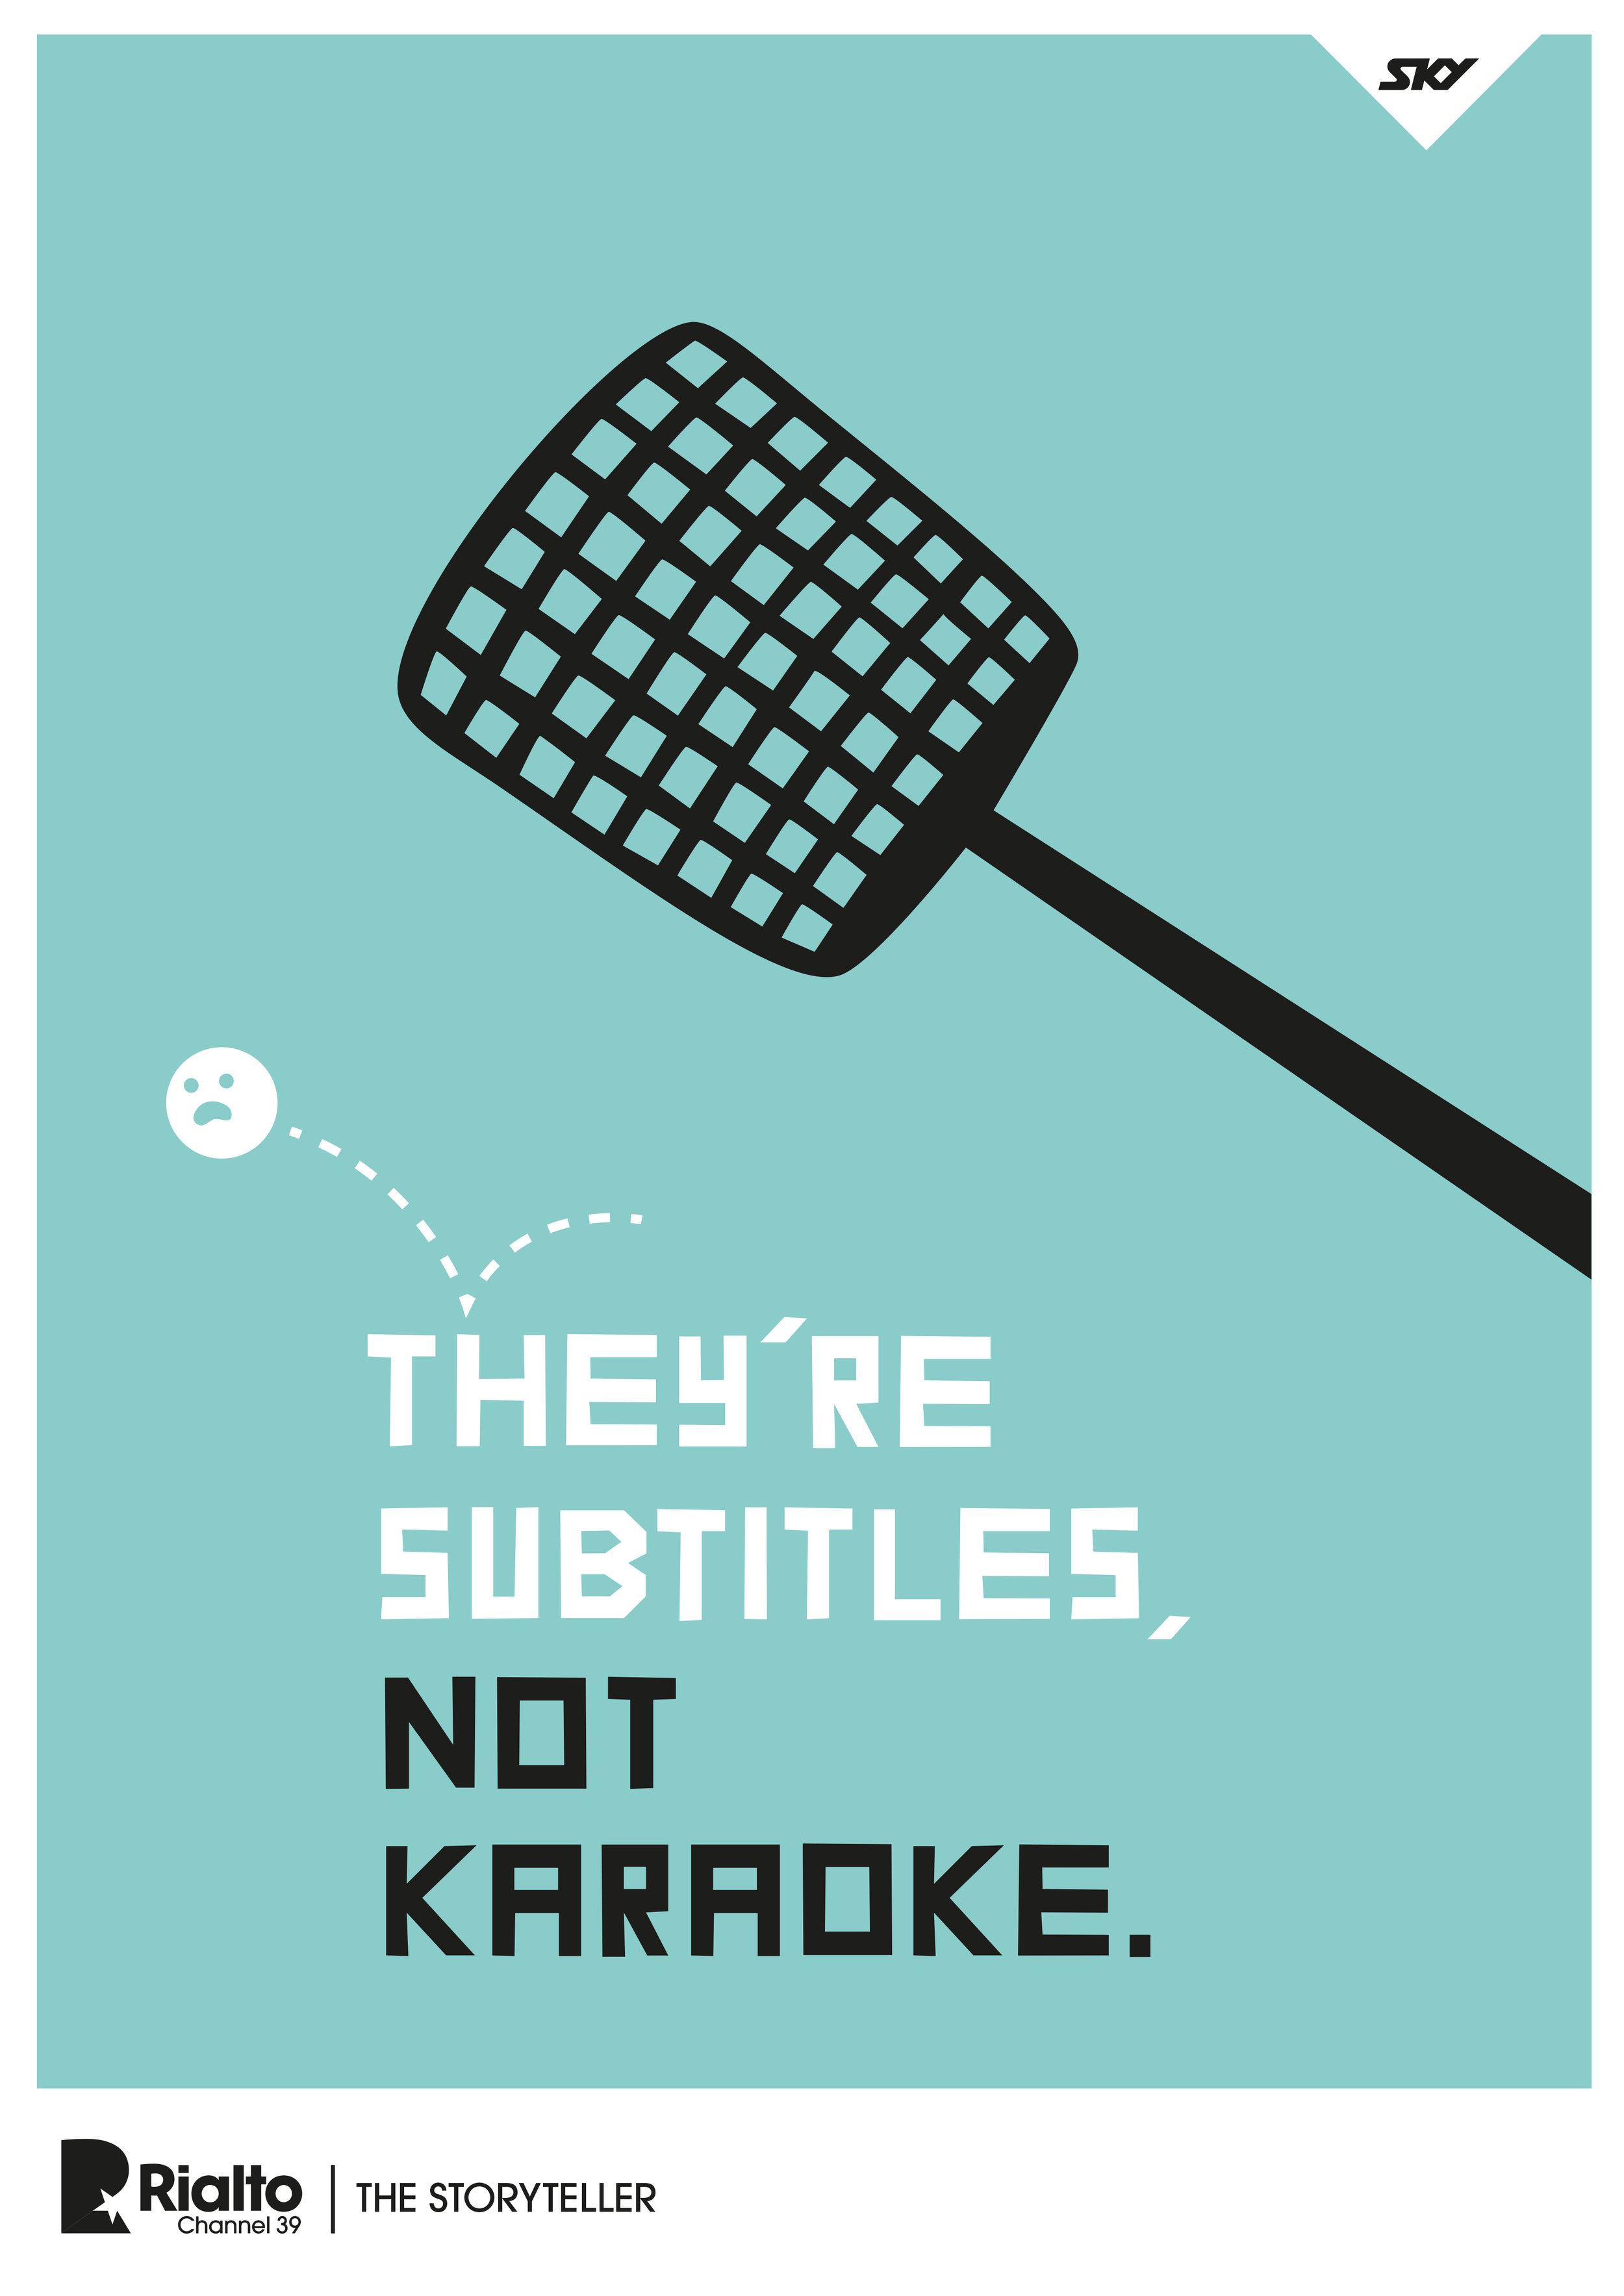 karaoke right.jpg